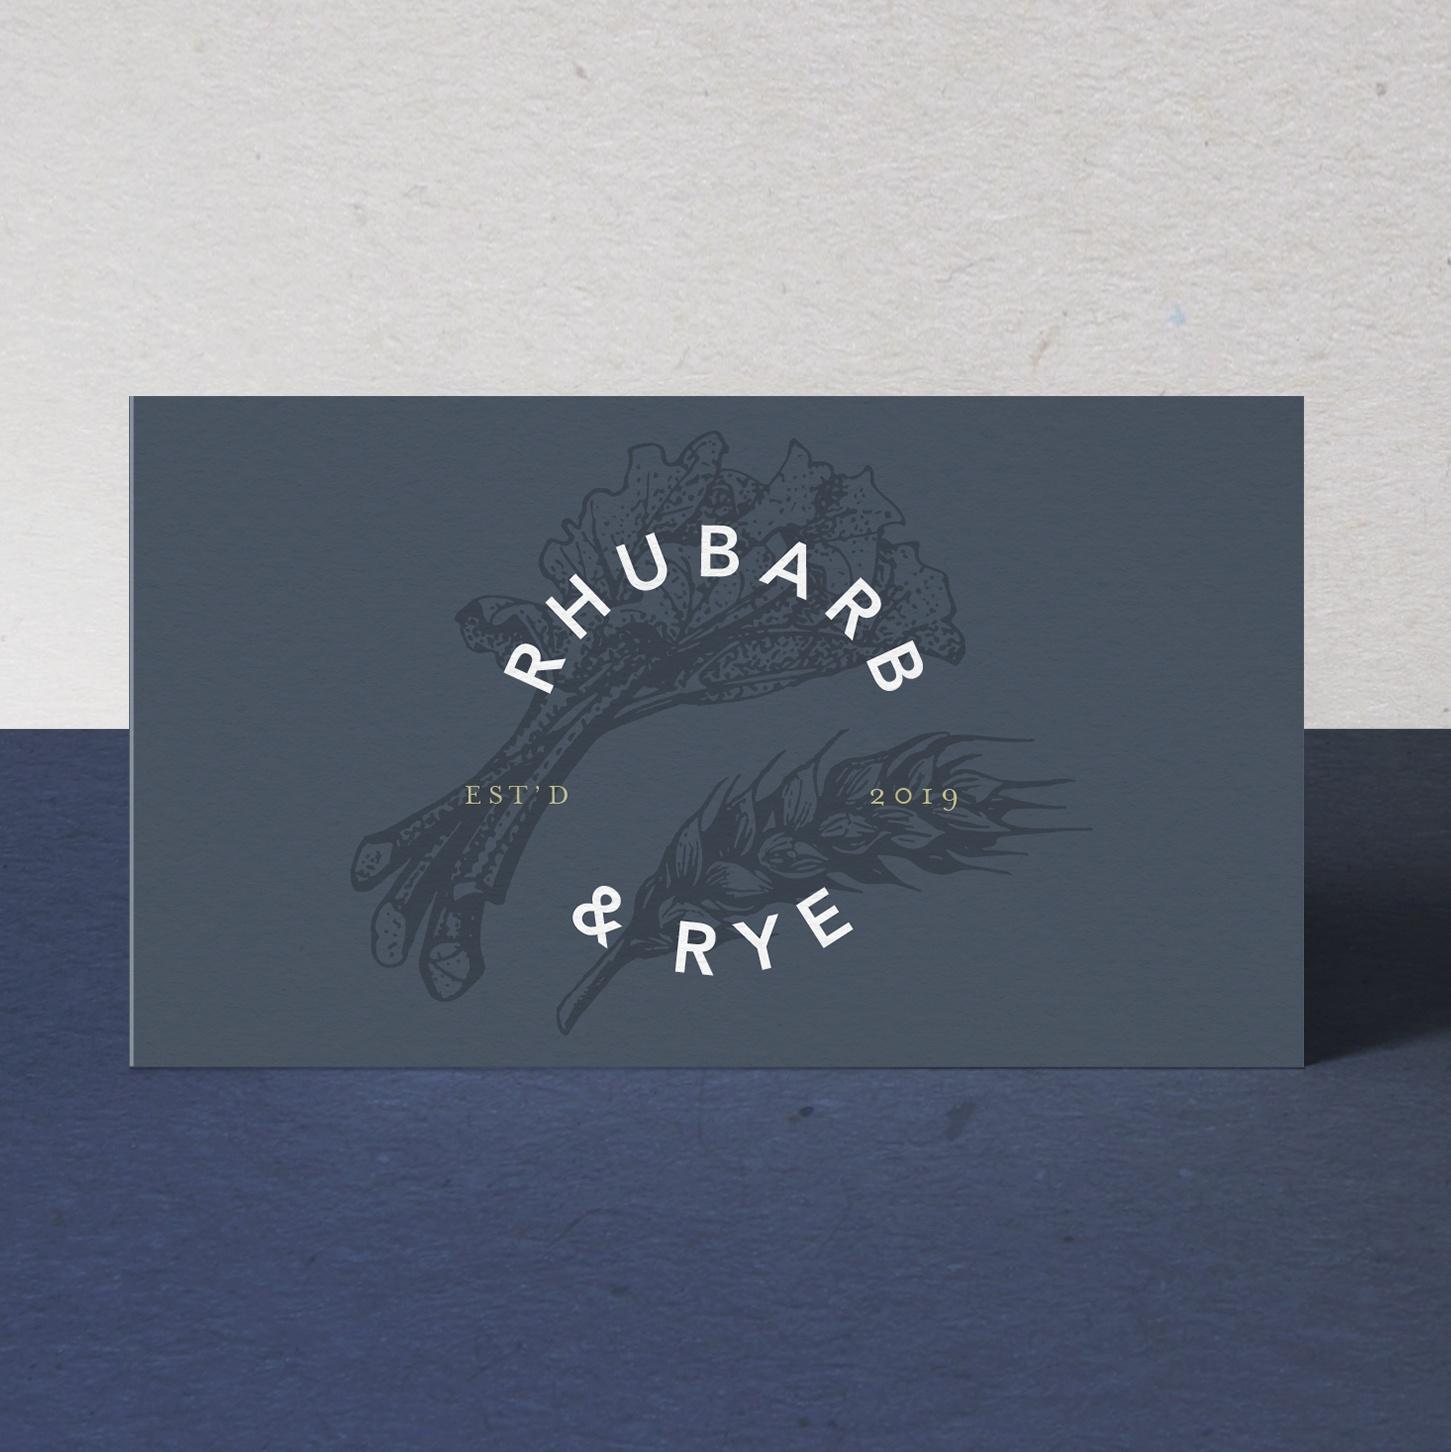 rr-card2